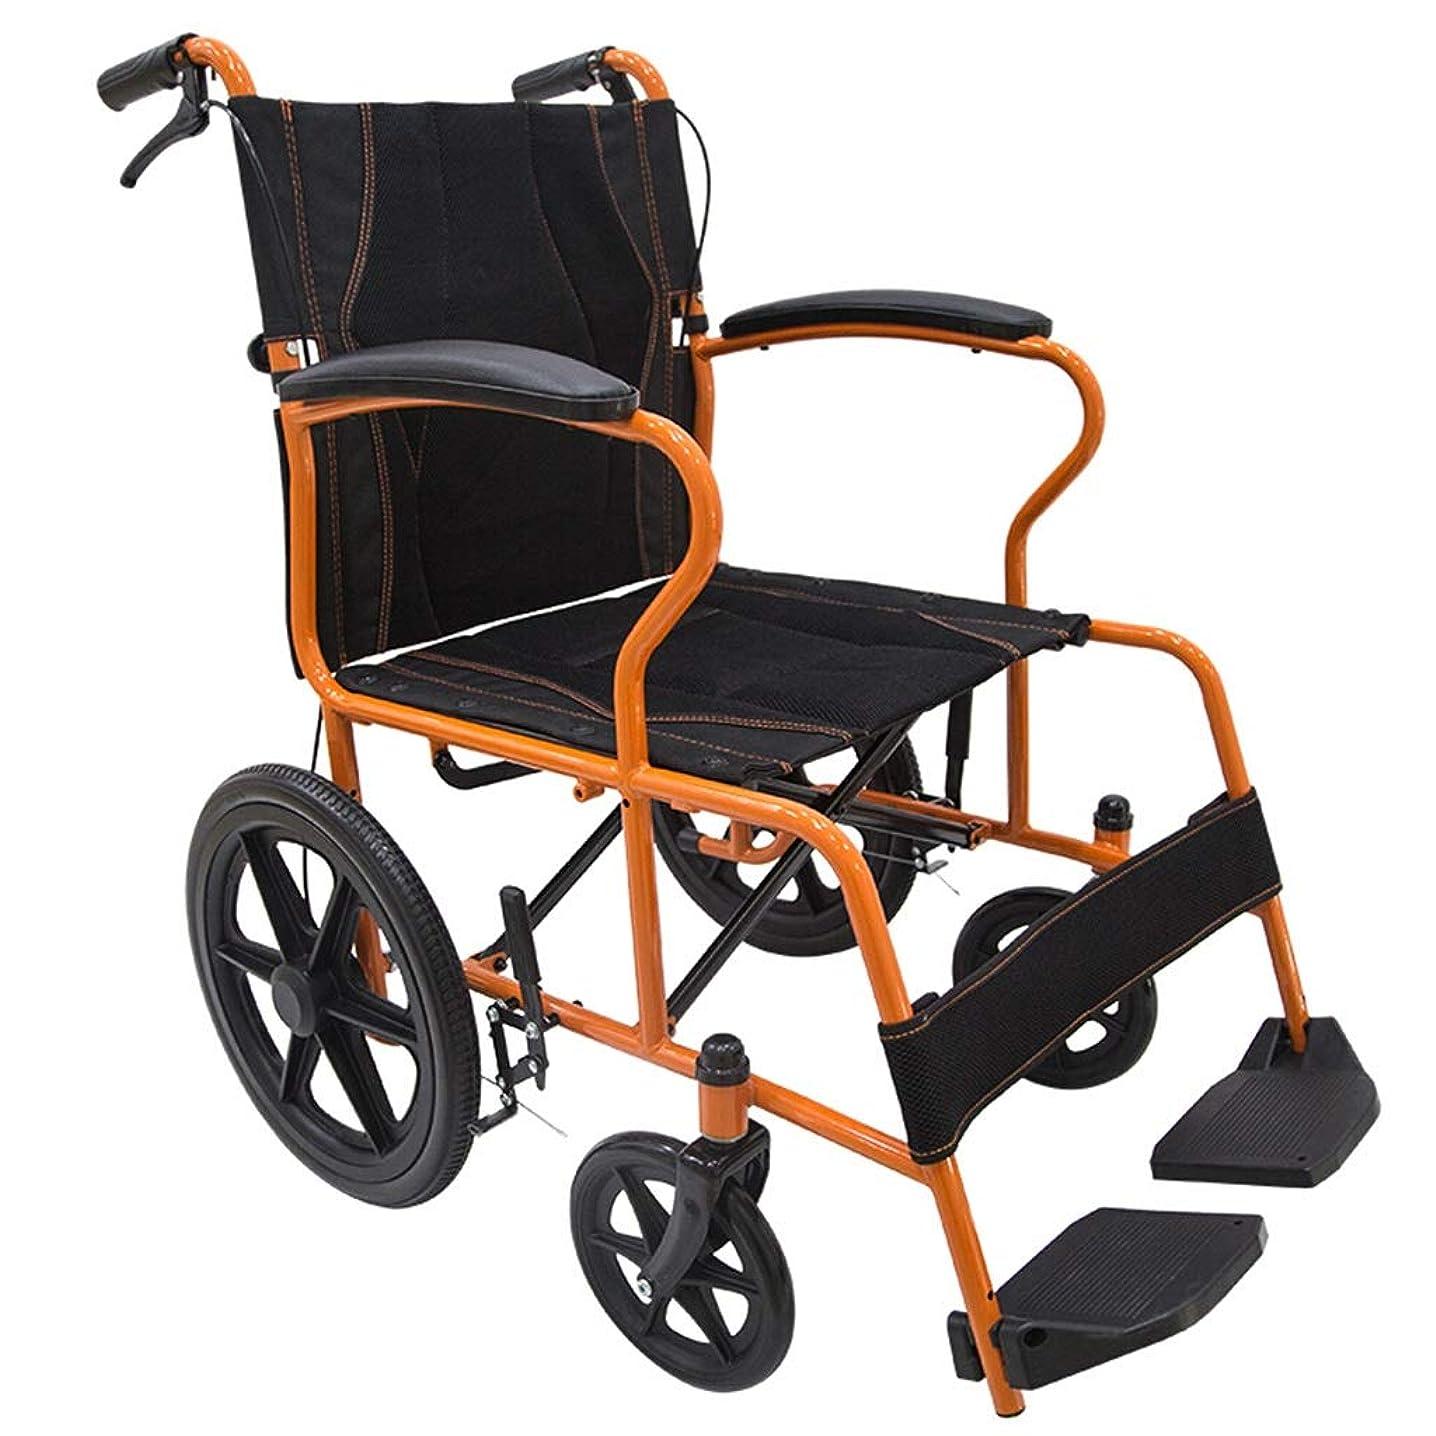 ステップ人口有益なSGKJJ 車椅子折りたたみ式高齢者用車椅子車スチールチューブ空気圧フリータイヤケア手動軽量代替車 -2695車いす